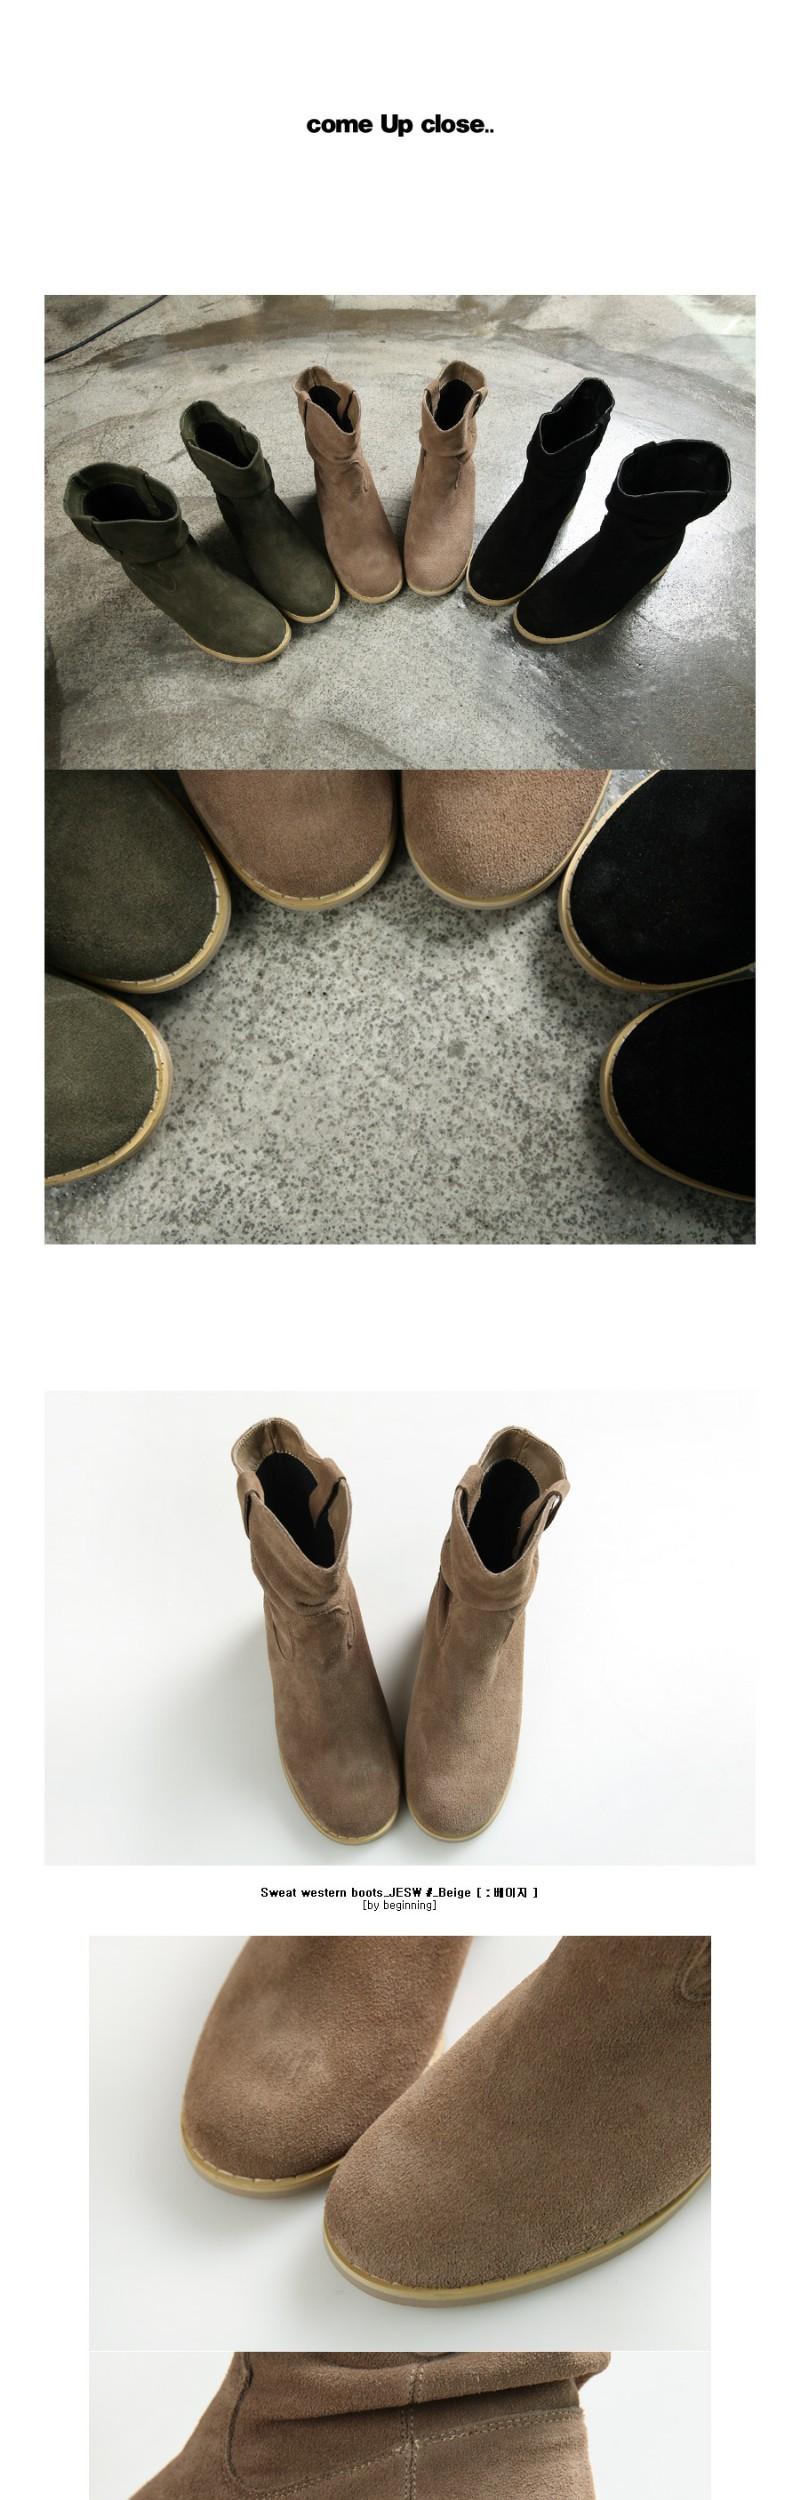 Sweat western boots_JESW